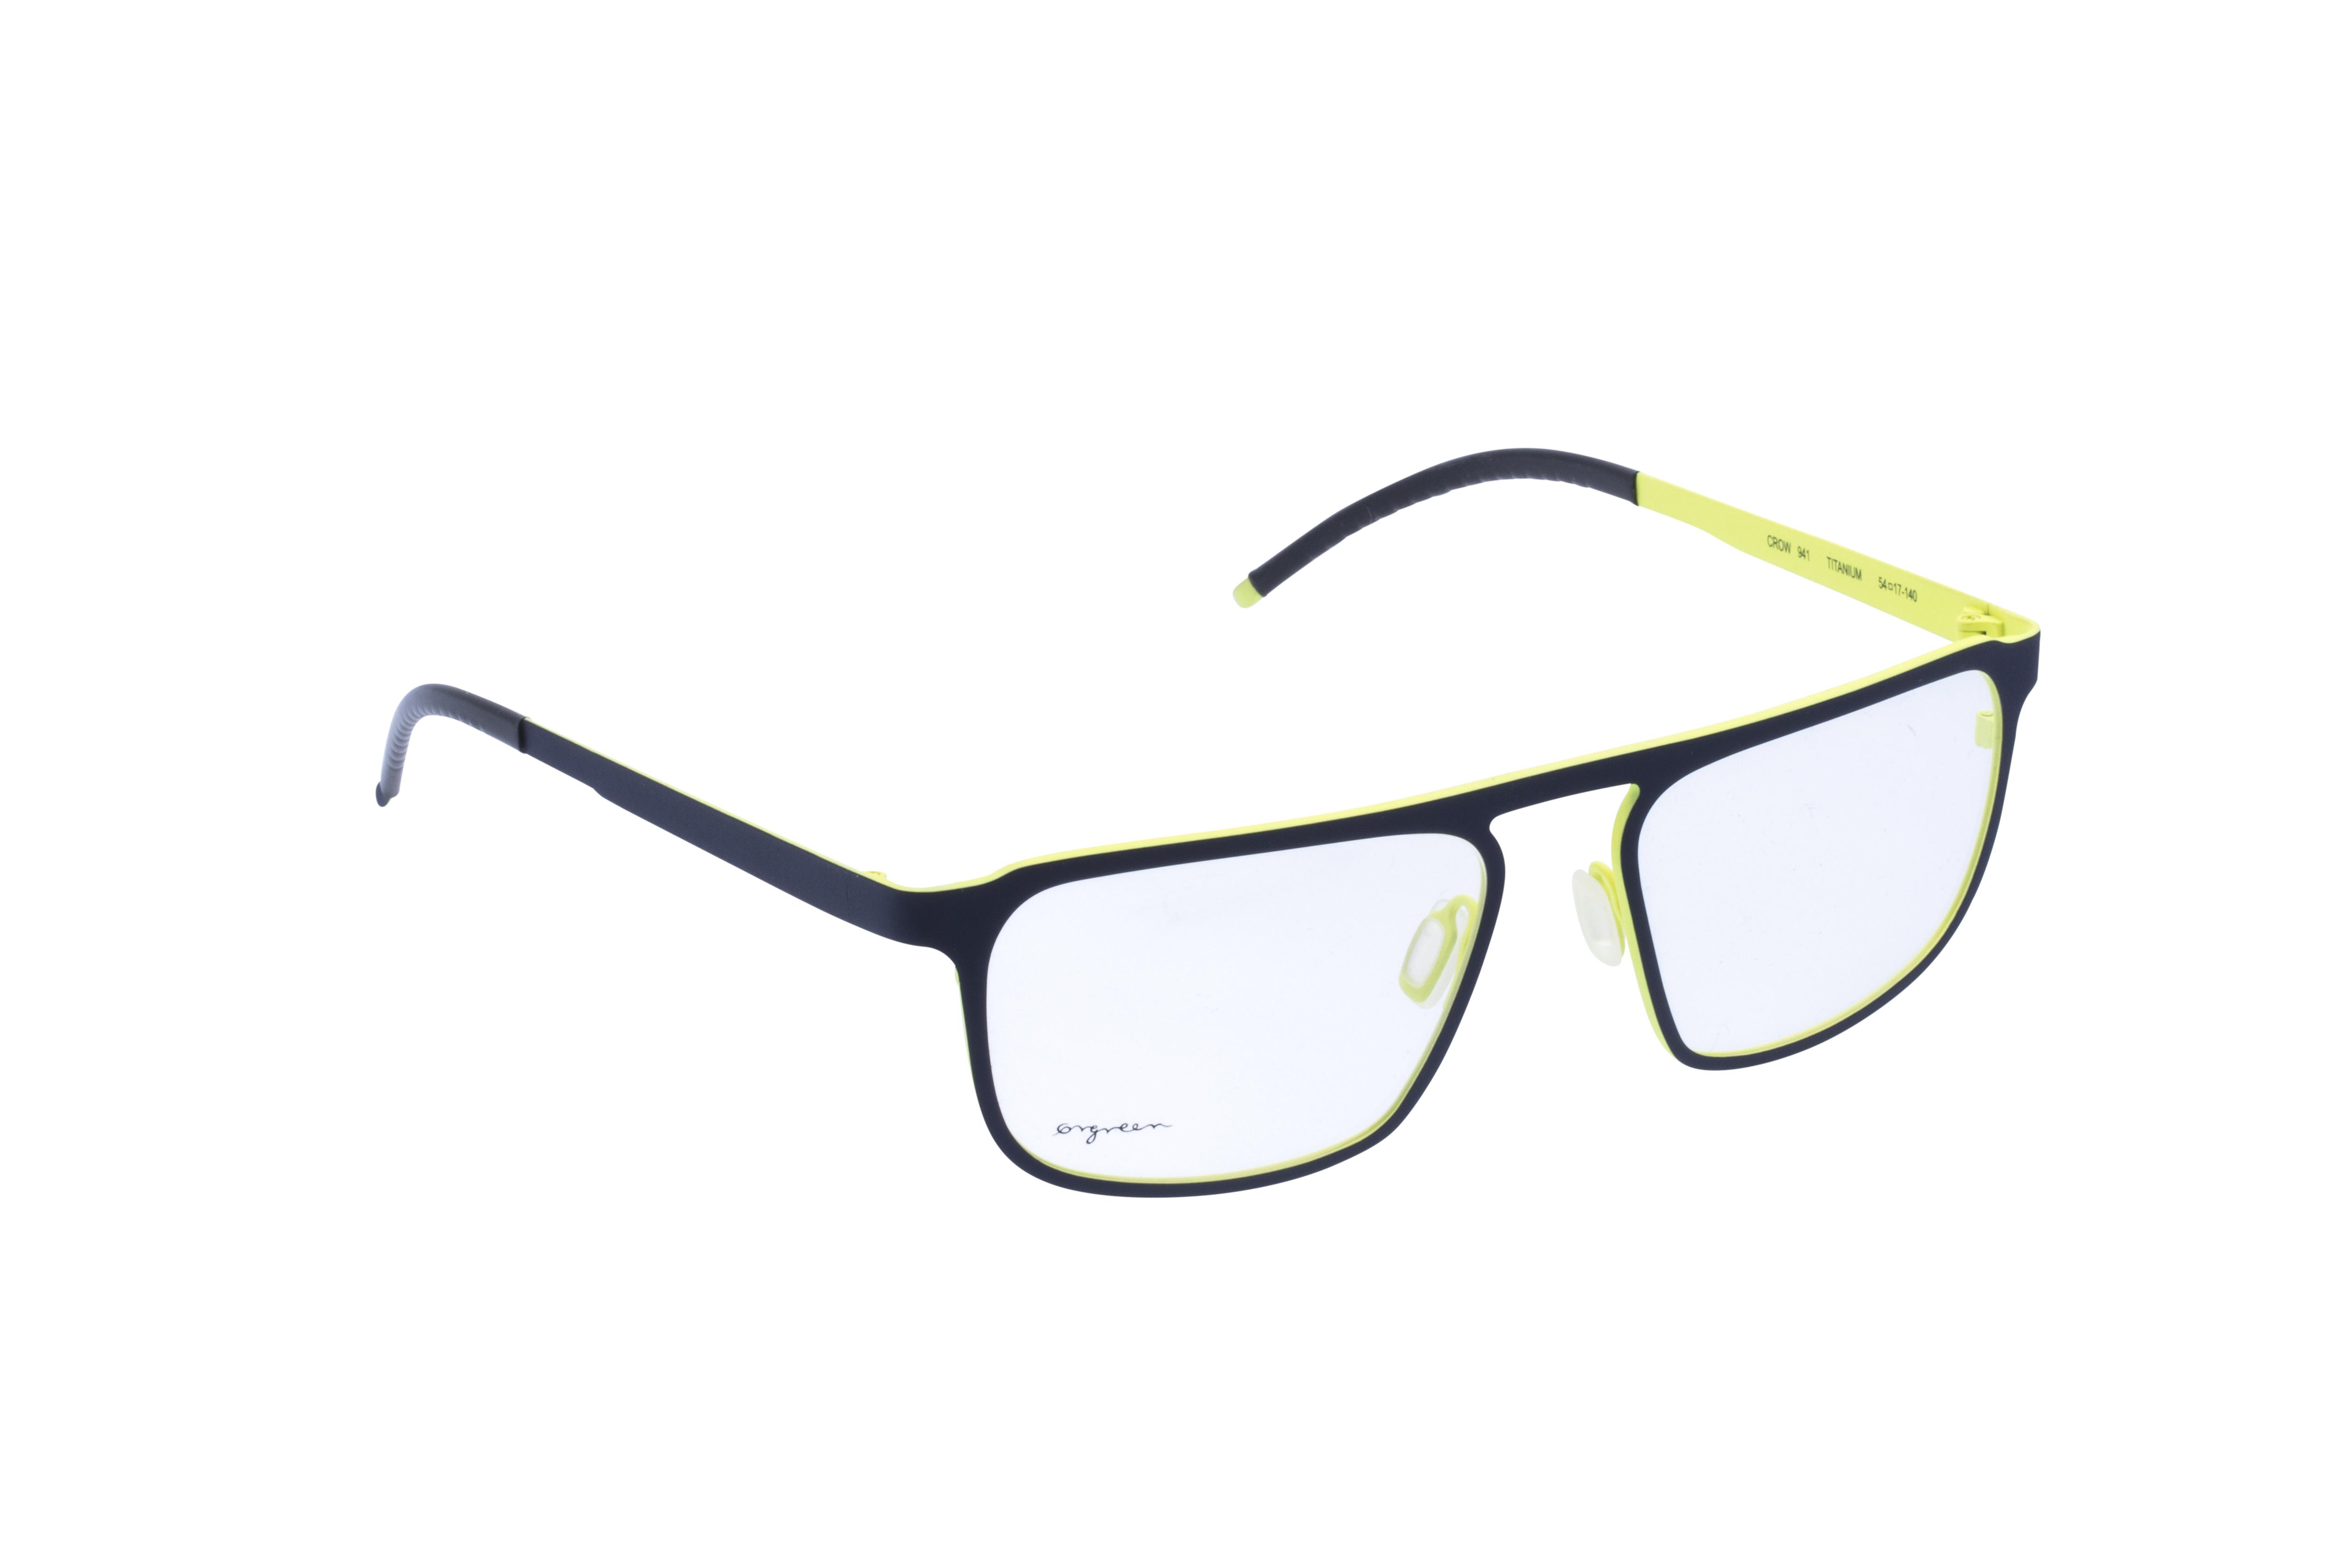 360 Grad Ansicht 2 Orgreen Crow, Brille auf Weiß - Fassung bei KUNK